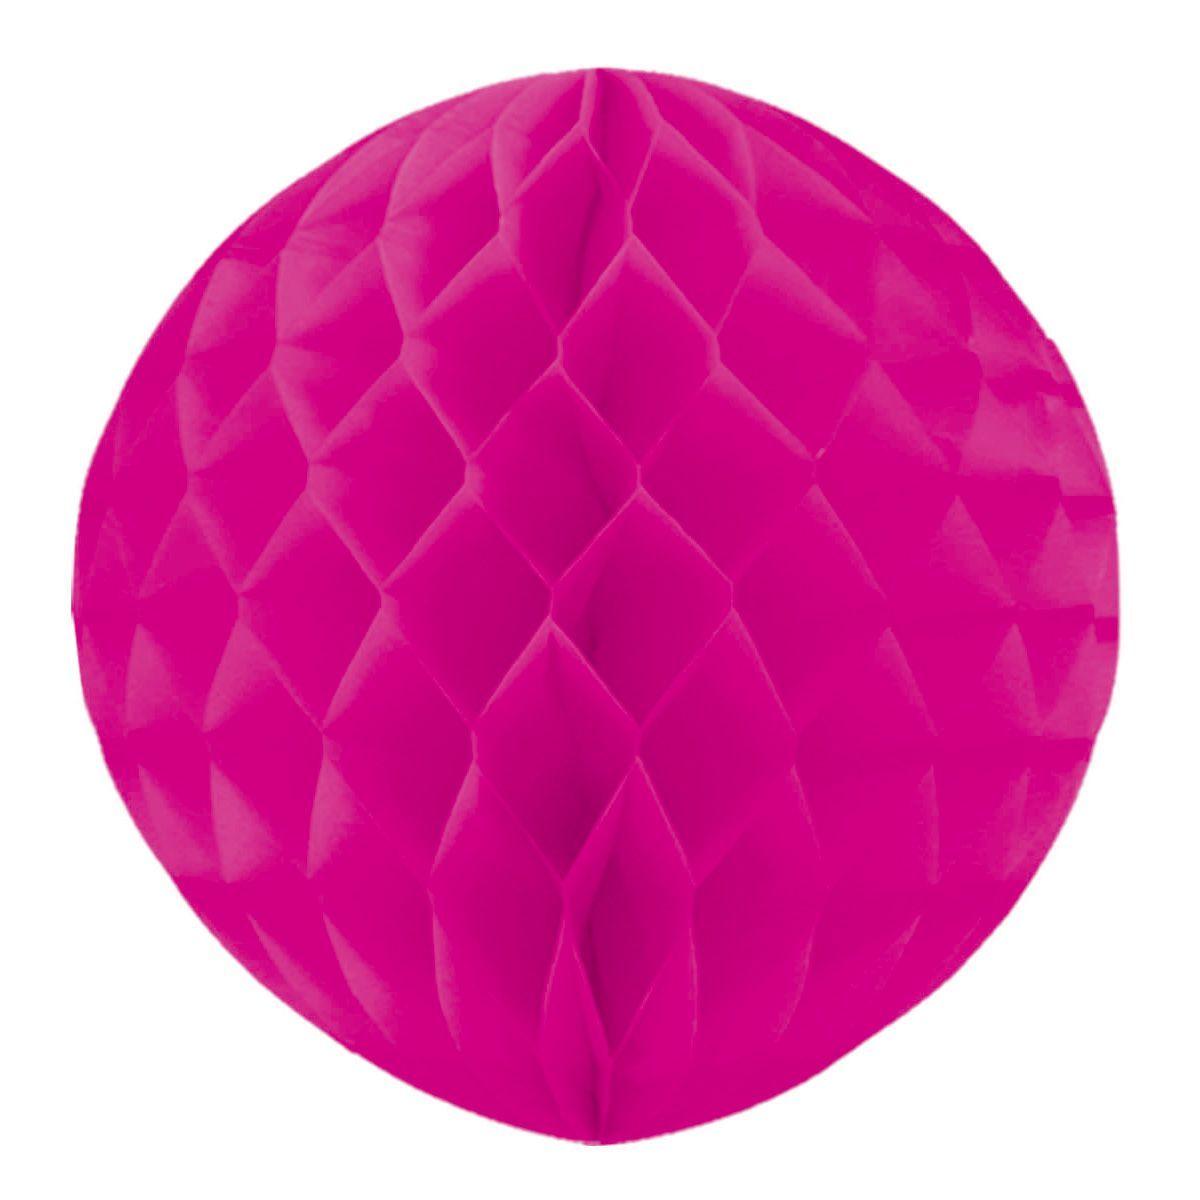 Бумажный шар Ярко-розовый 30см